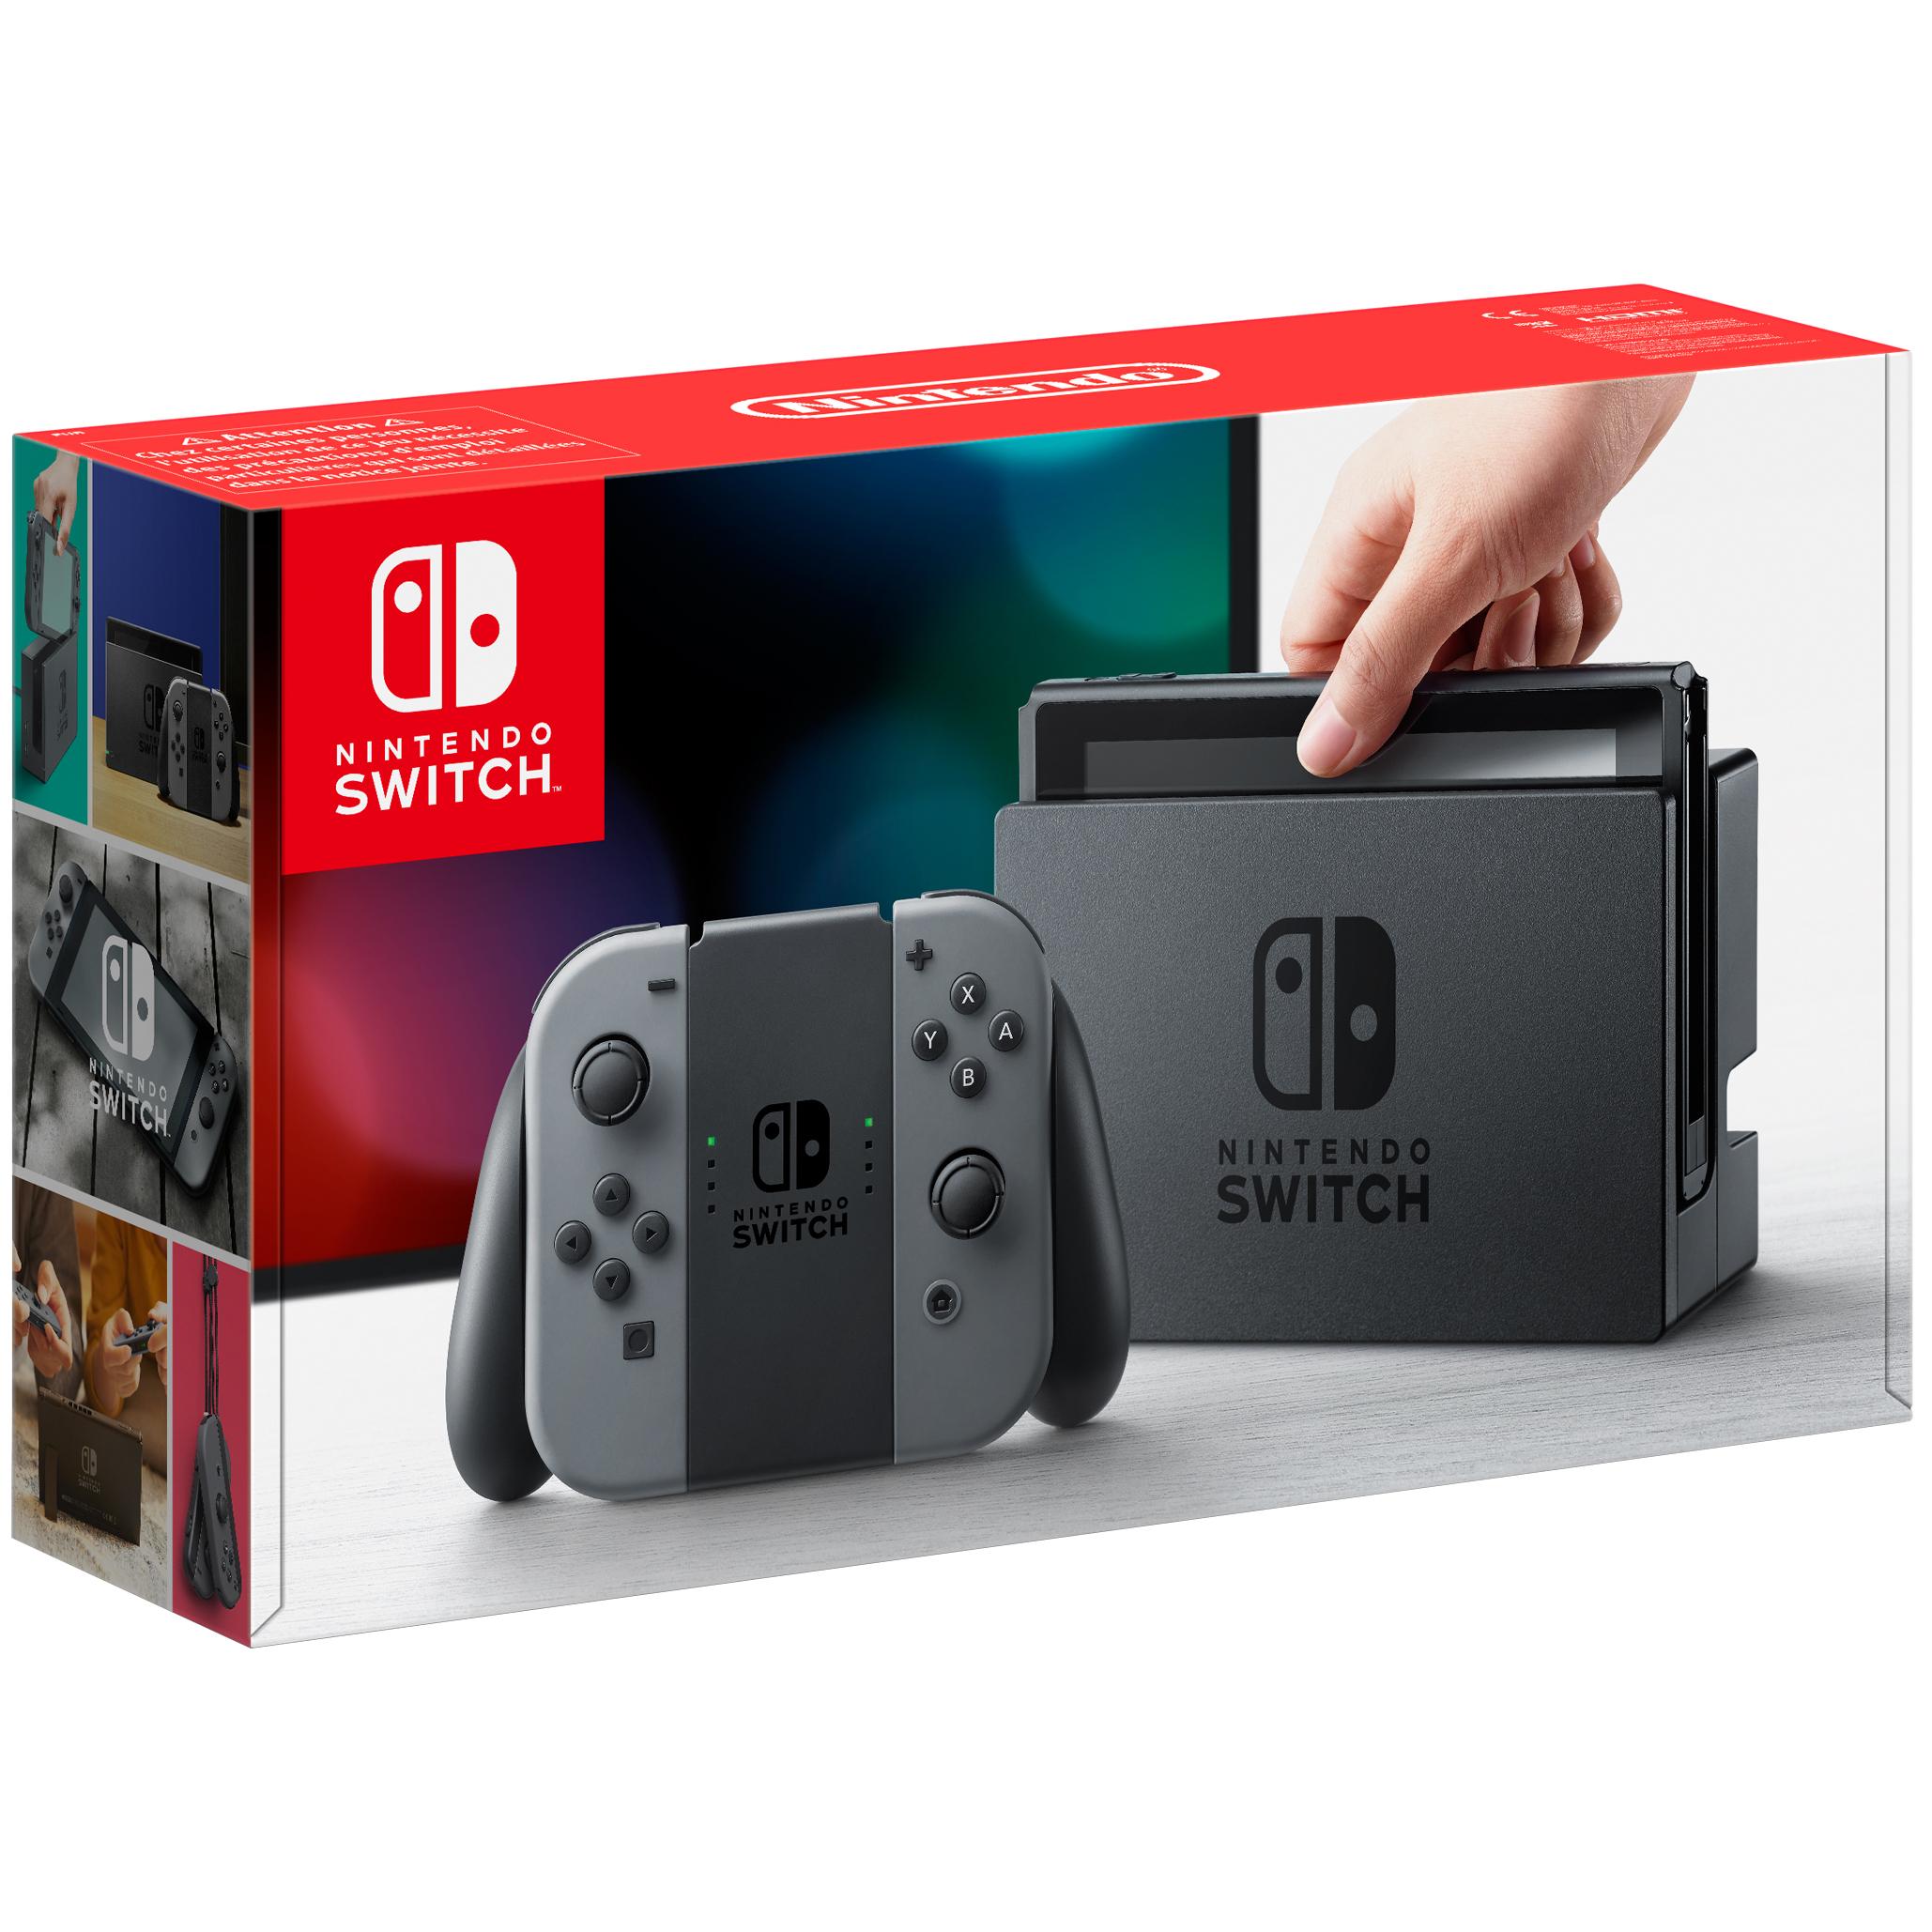 Nintendo Switch spillekonsol + grå Joy-Con